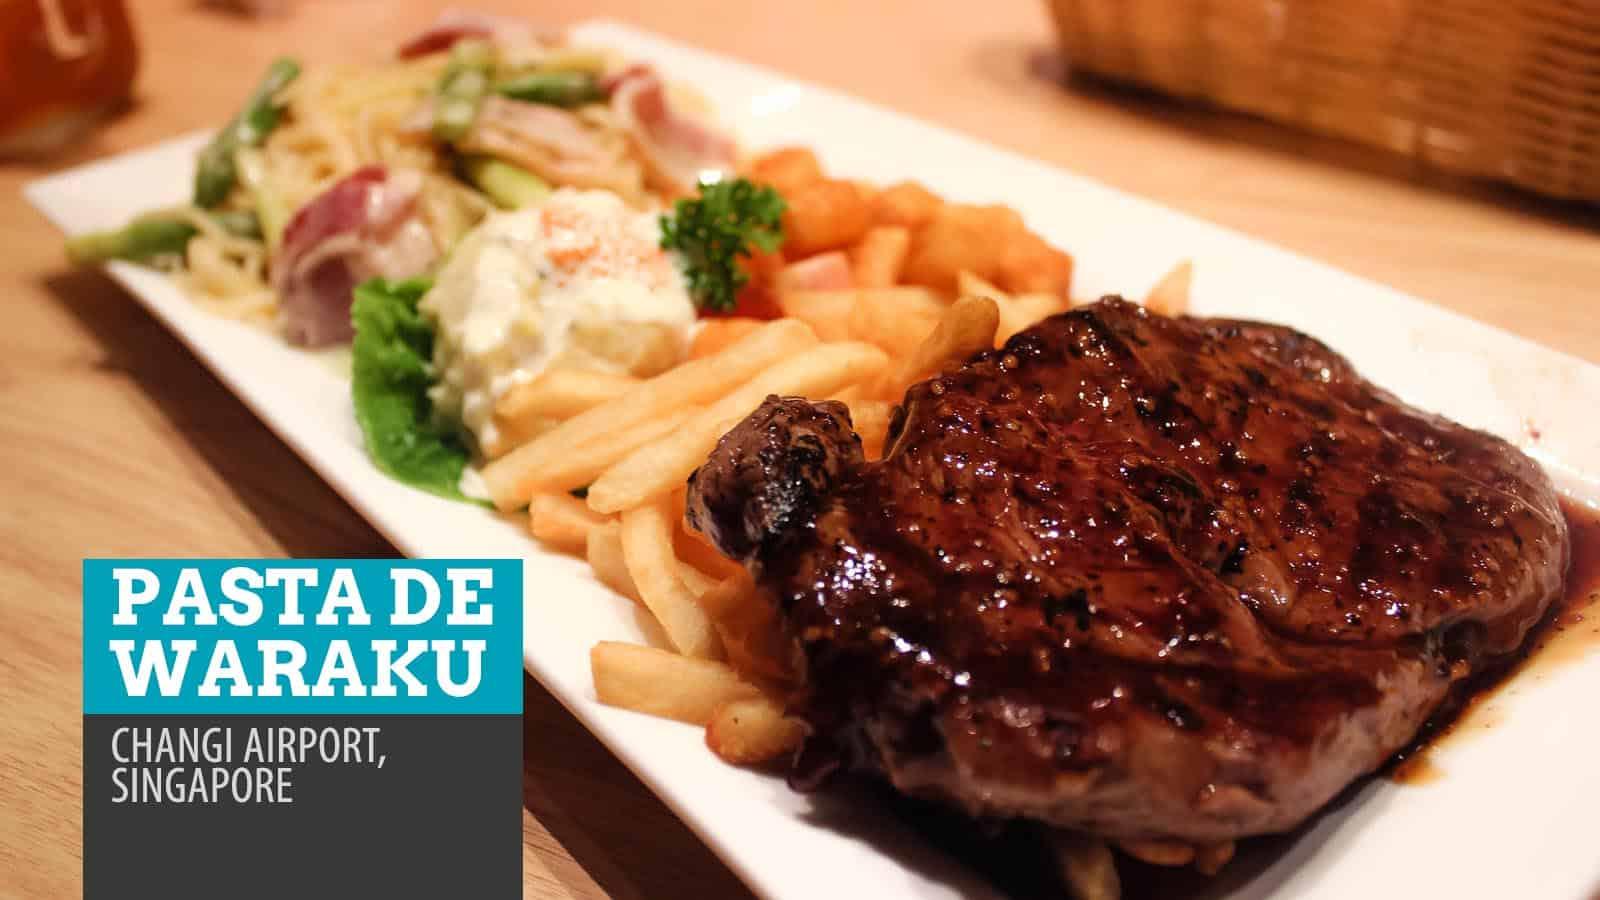 新加坡樟宜机场的Pasta de Waraku(奢侈的选择) | 穷游者的行程博客